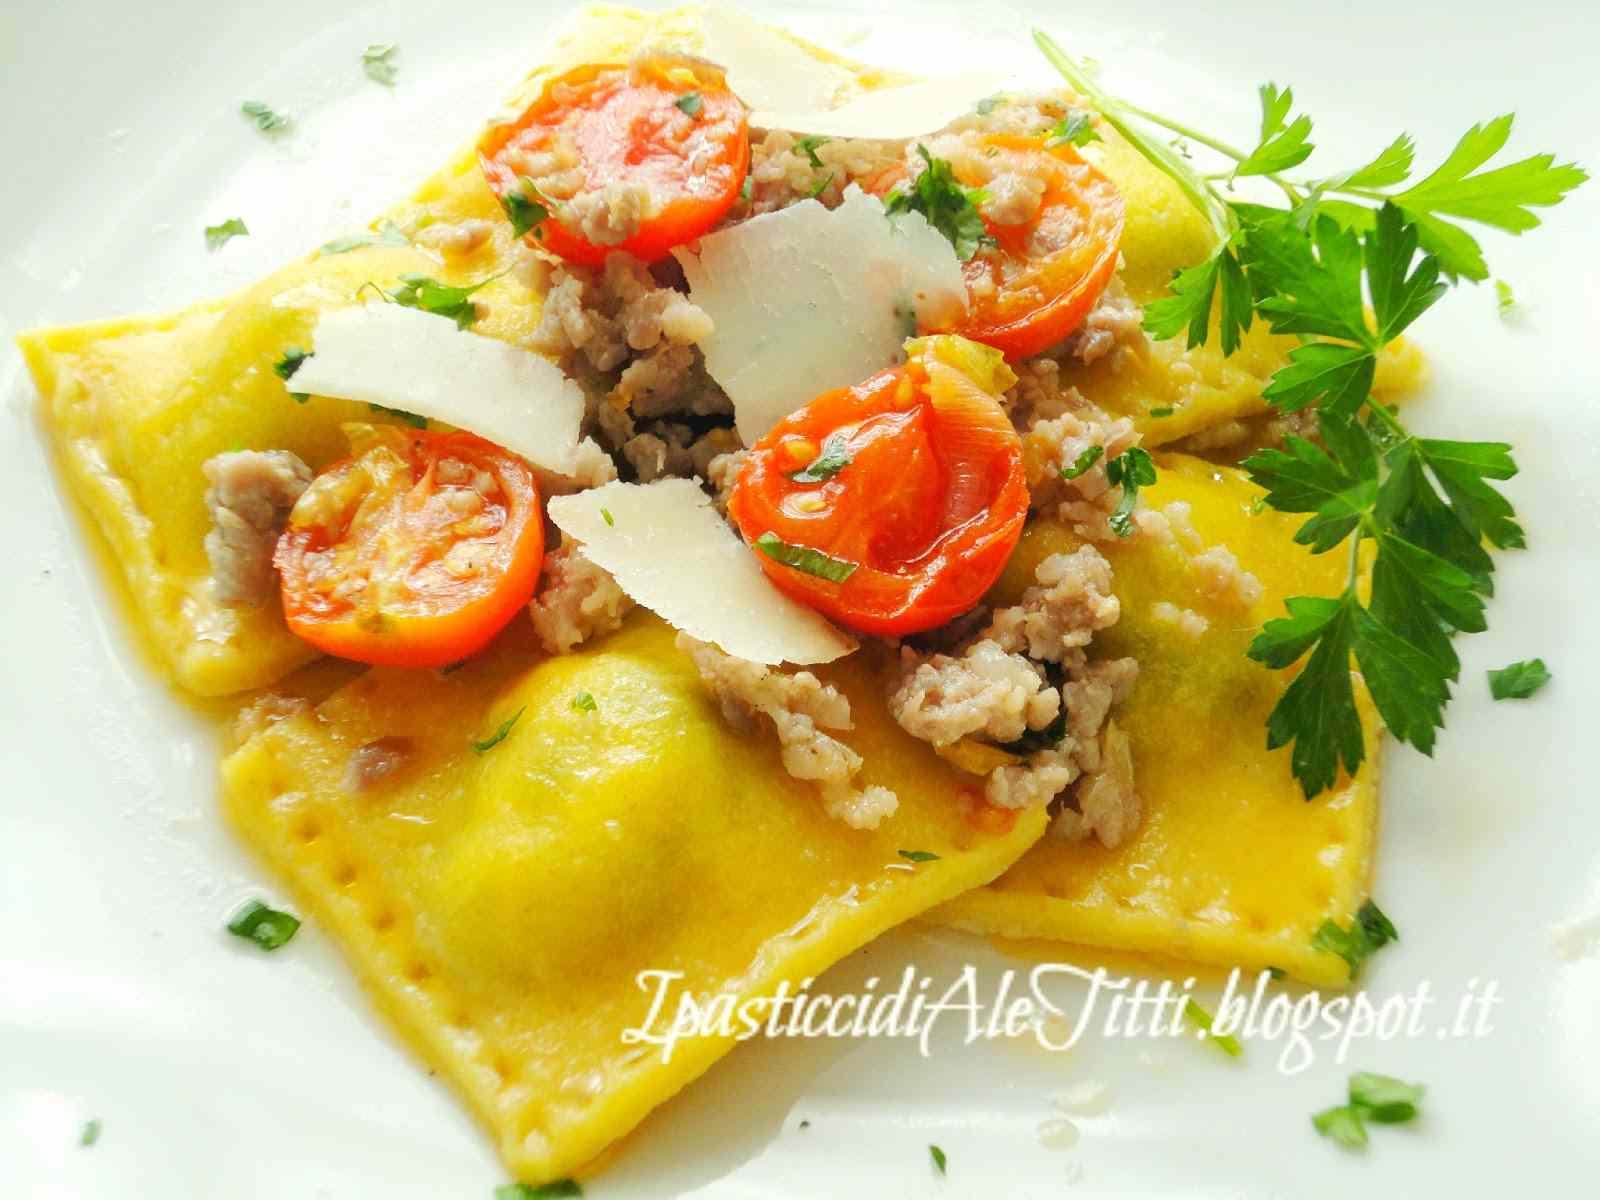 Ricetta: Ravioli di ricotta e spinaci con salsiccia, pomodorini e scaglie di parmigiano